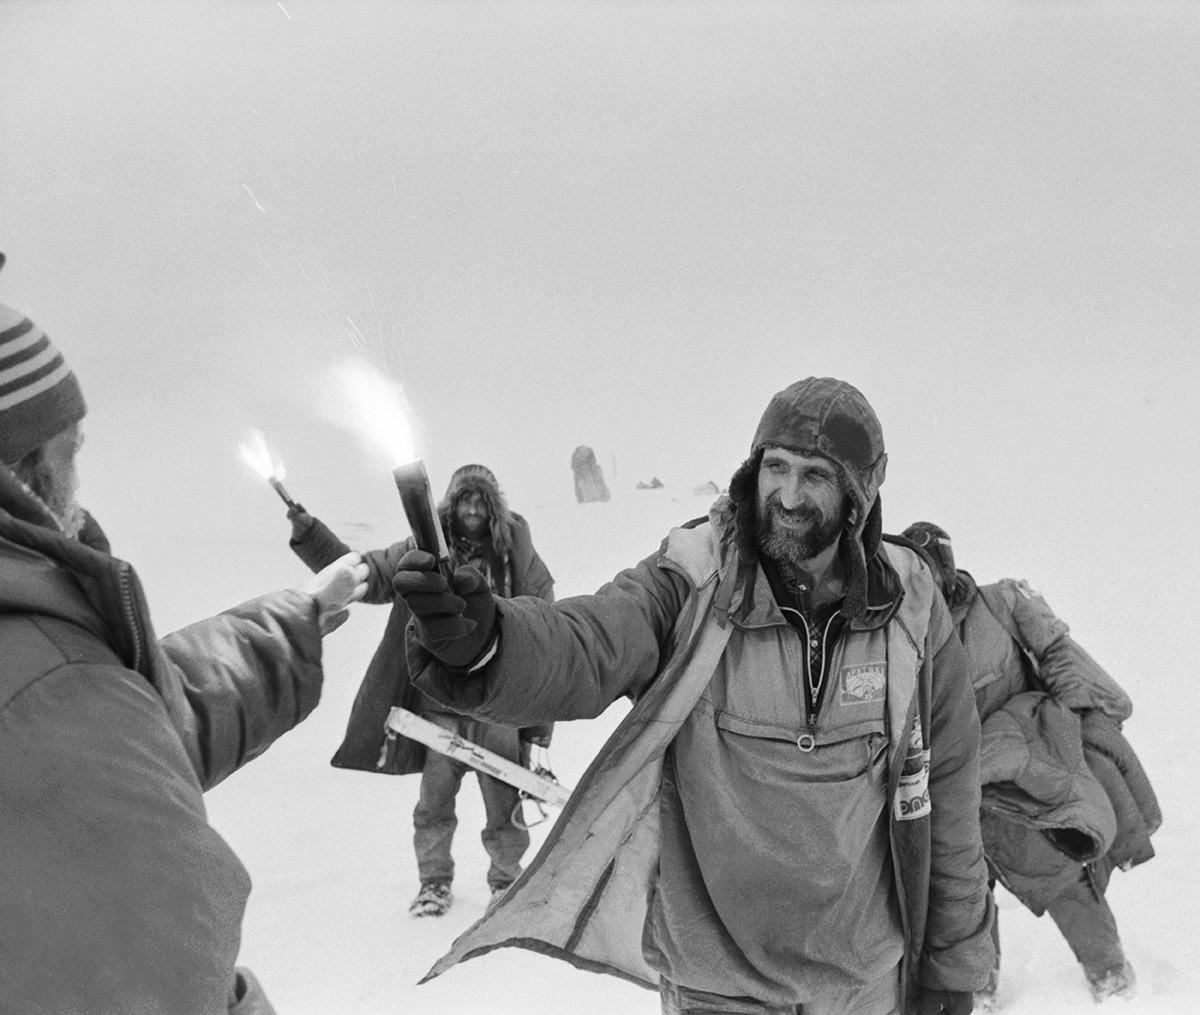 Des participants à l'une des expéditions soviétiques organisées avec le soutien de la Société russe de géographie